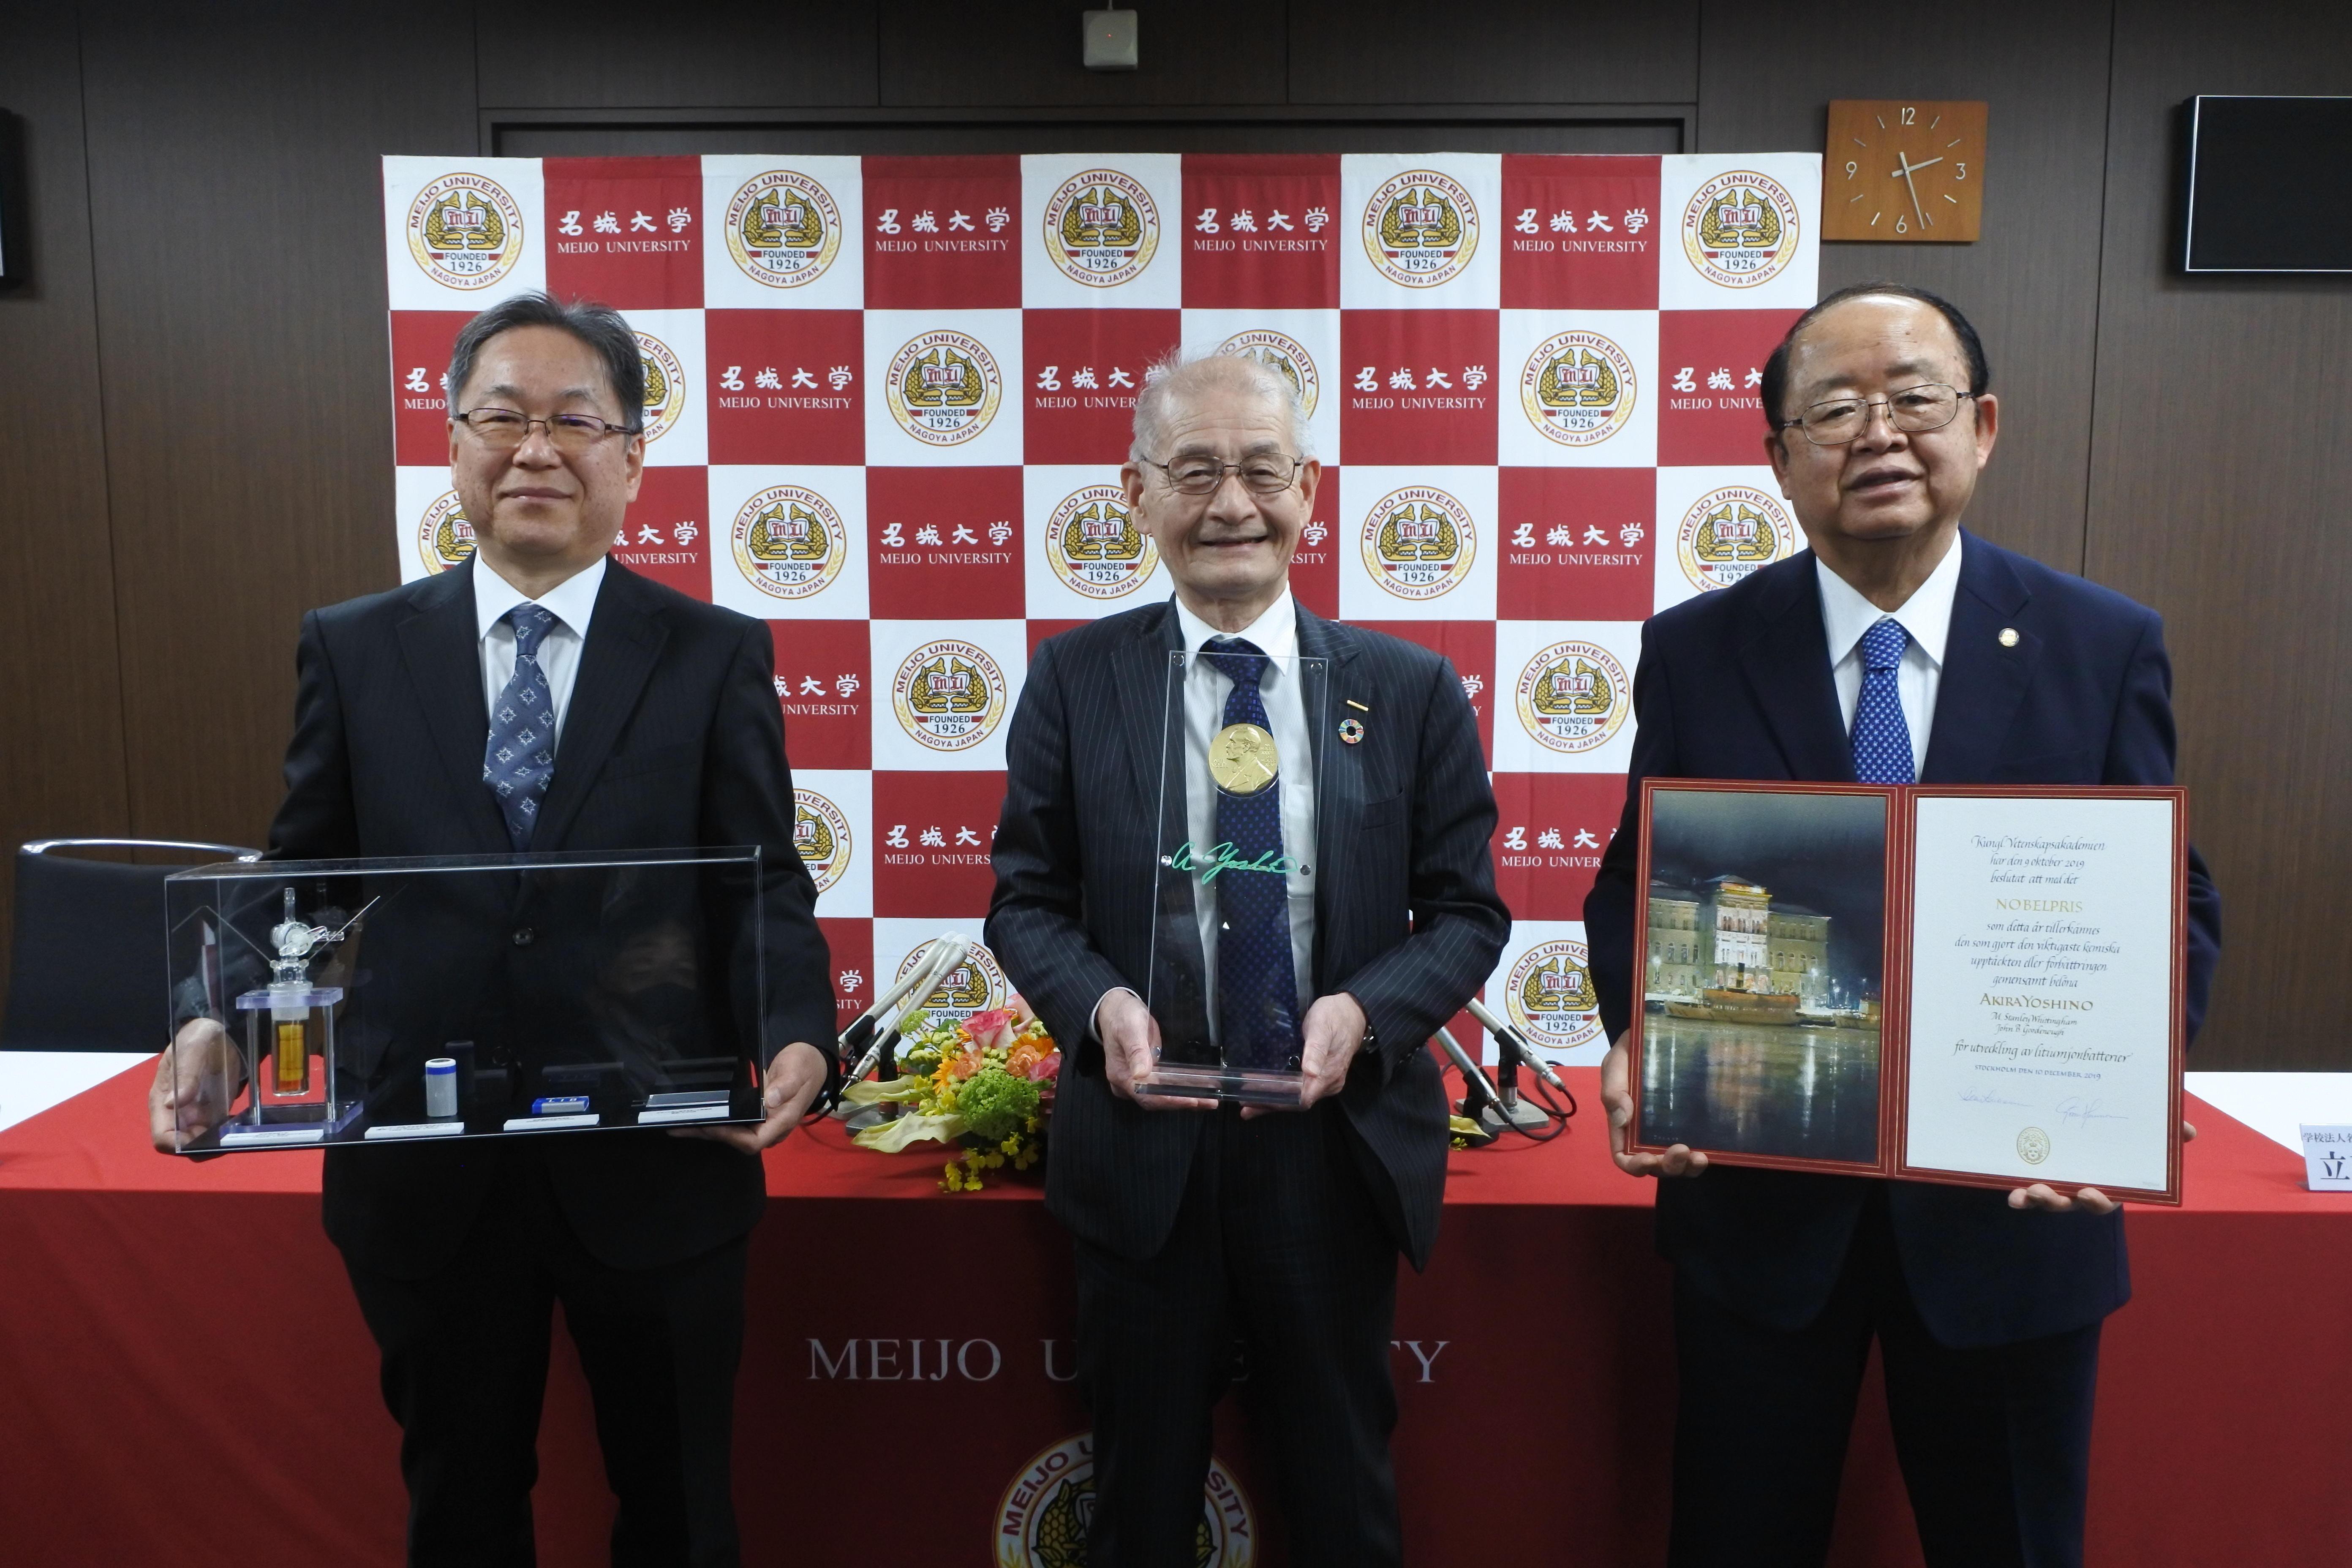 記念写真に納まる(左から)野口光宣副学長、吉野彰終身教授・特別栄誉教授、立花貞司理事長